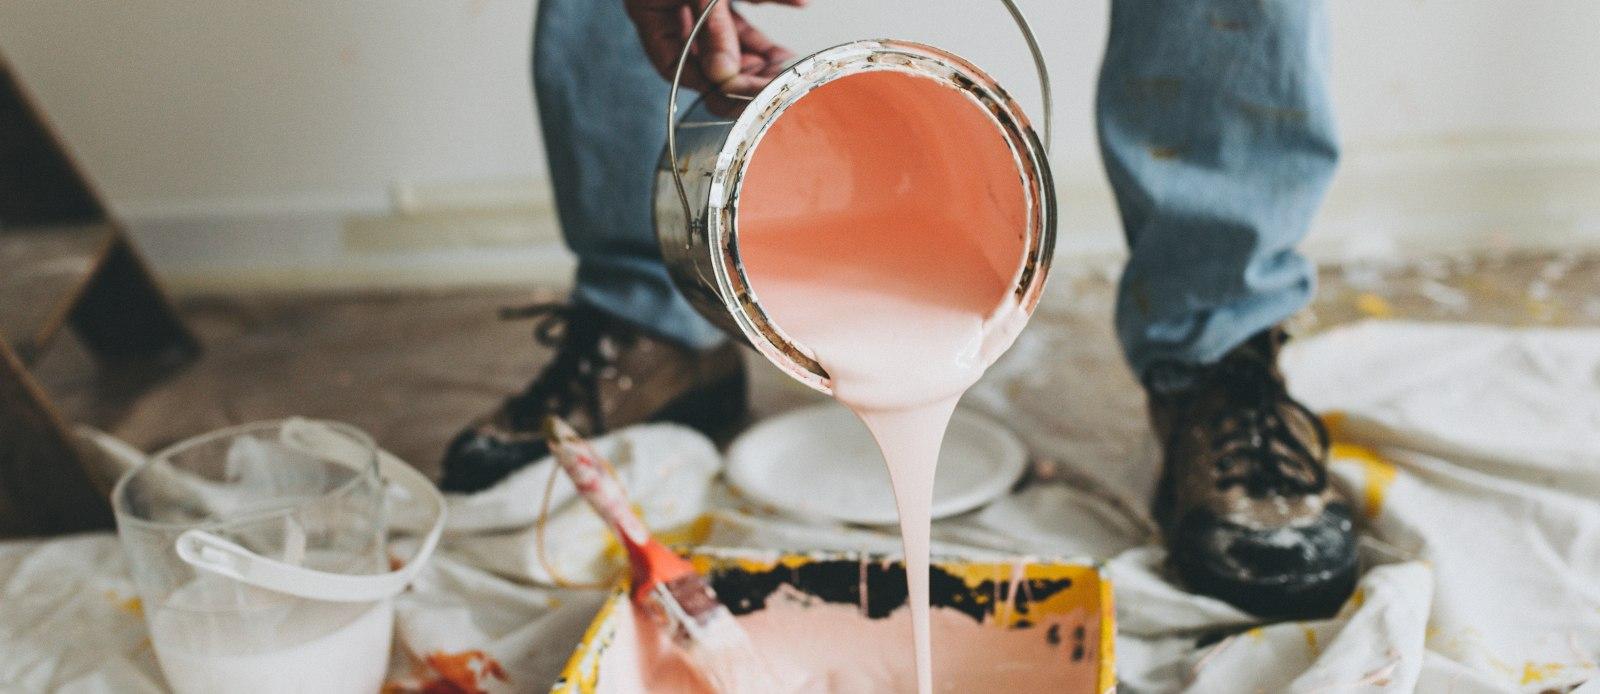 Pintar una pared sería una reparación locativa